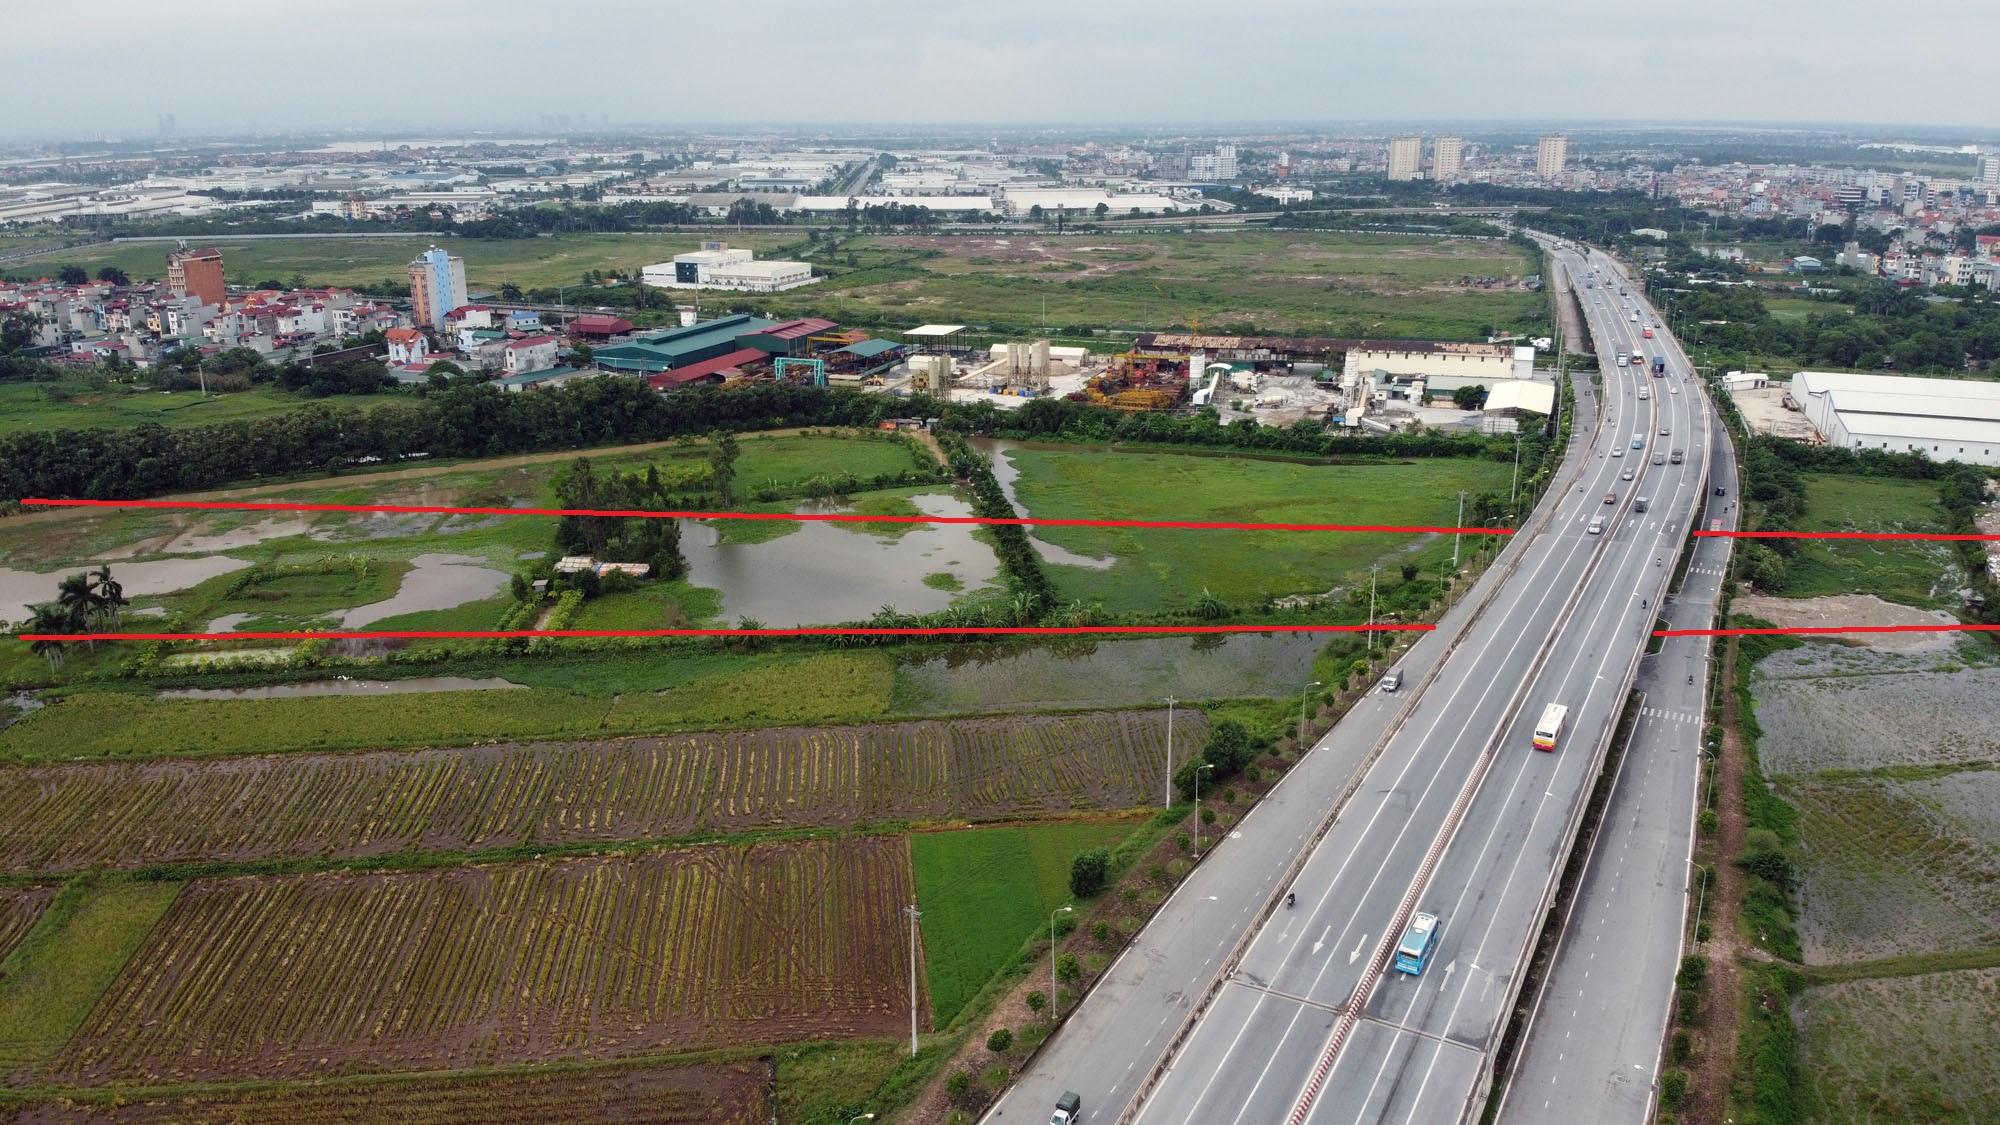 đường sẽ mở theo qui hoạch ở xã Kim Nỗ, Đông Anh, Hà Nội - Ảnh 3.